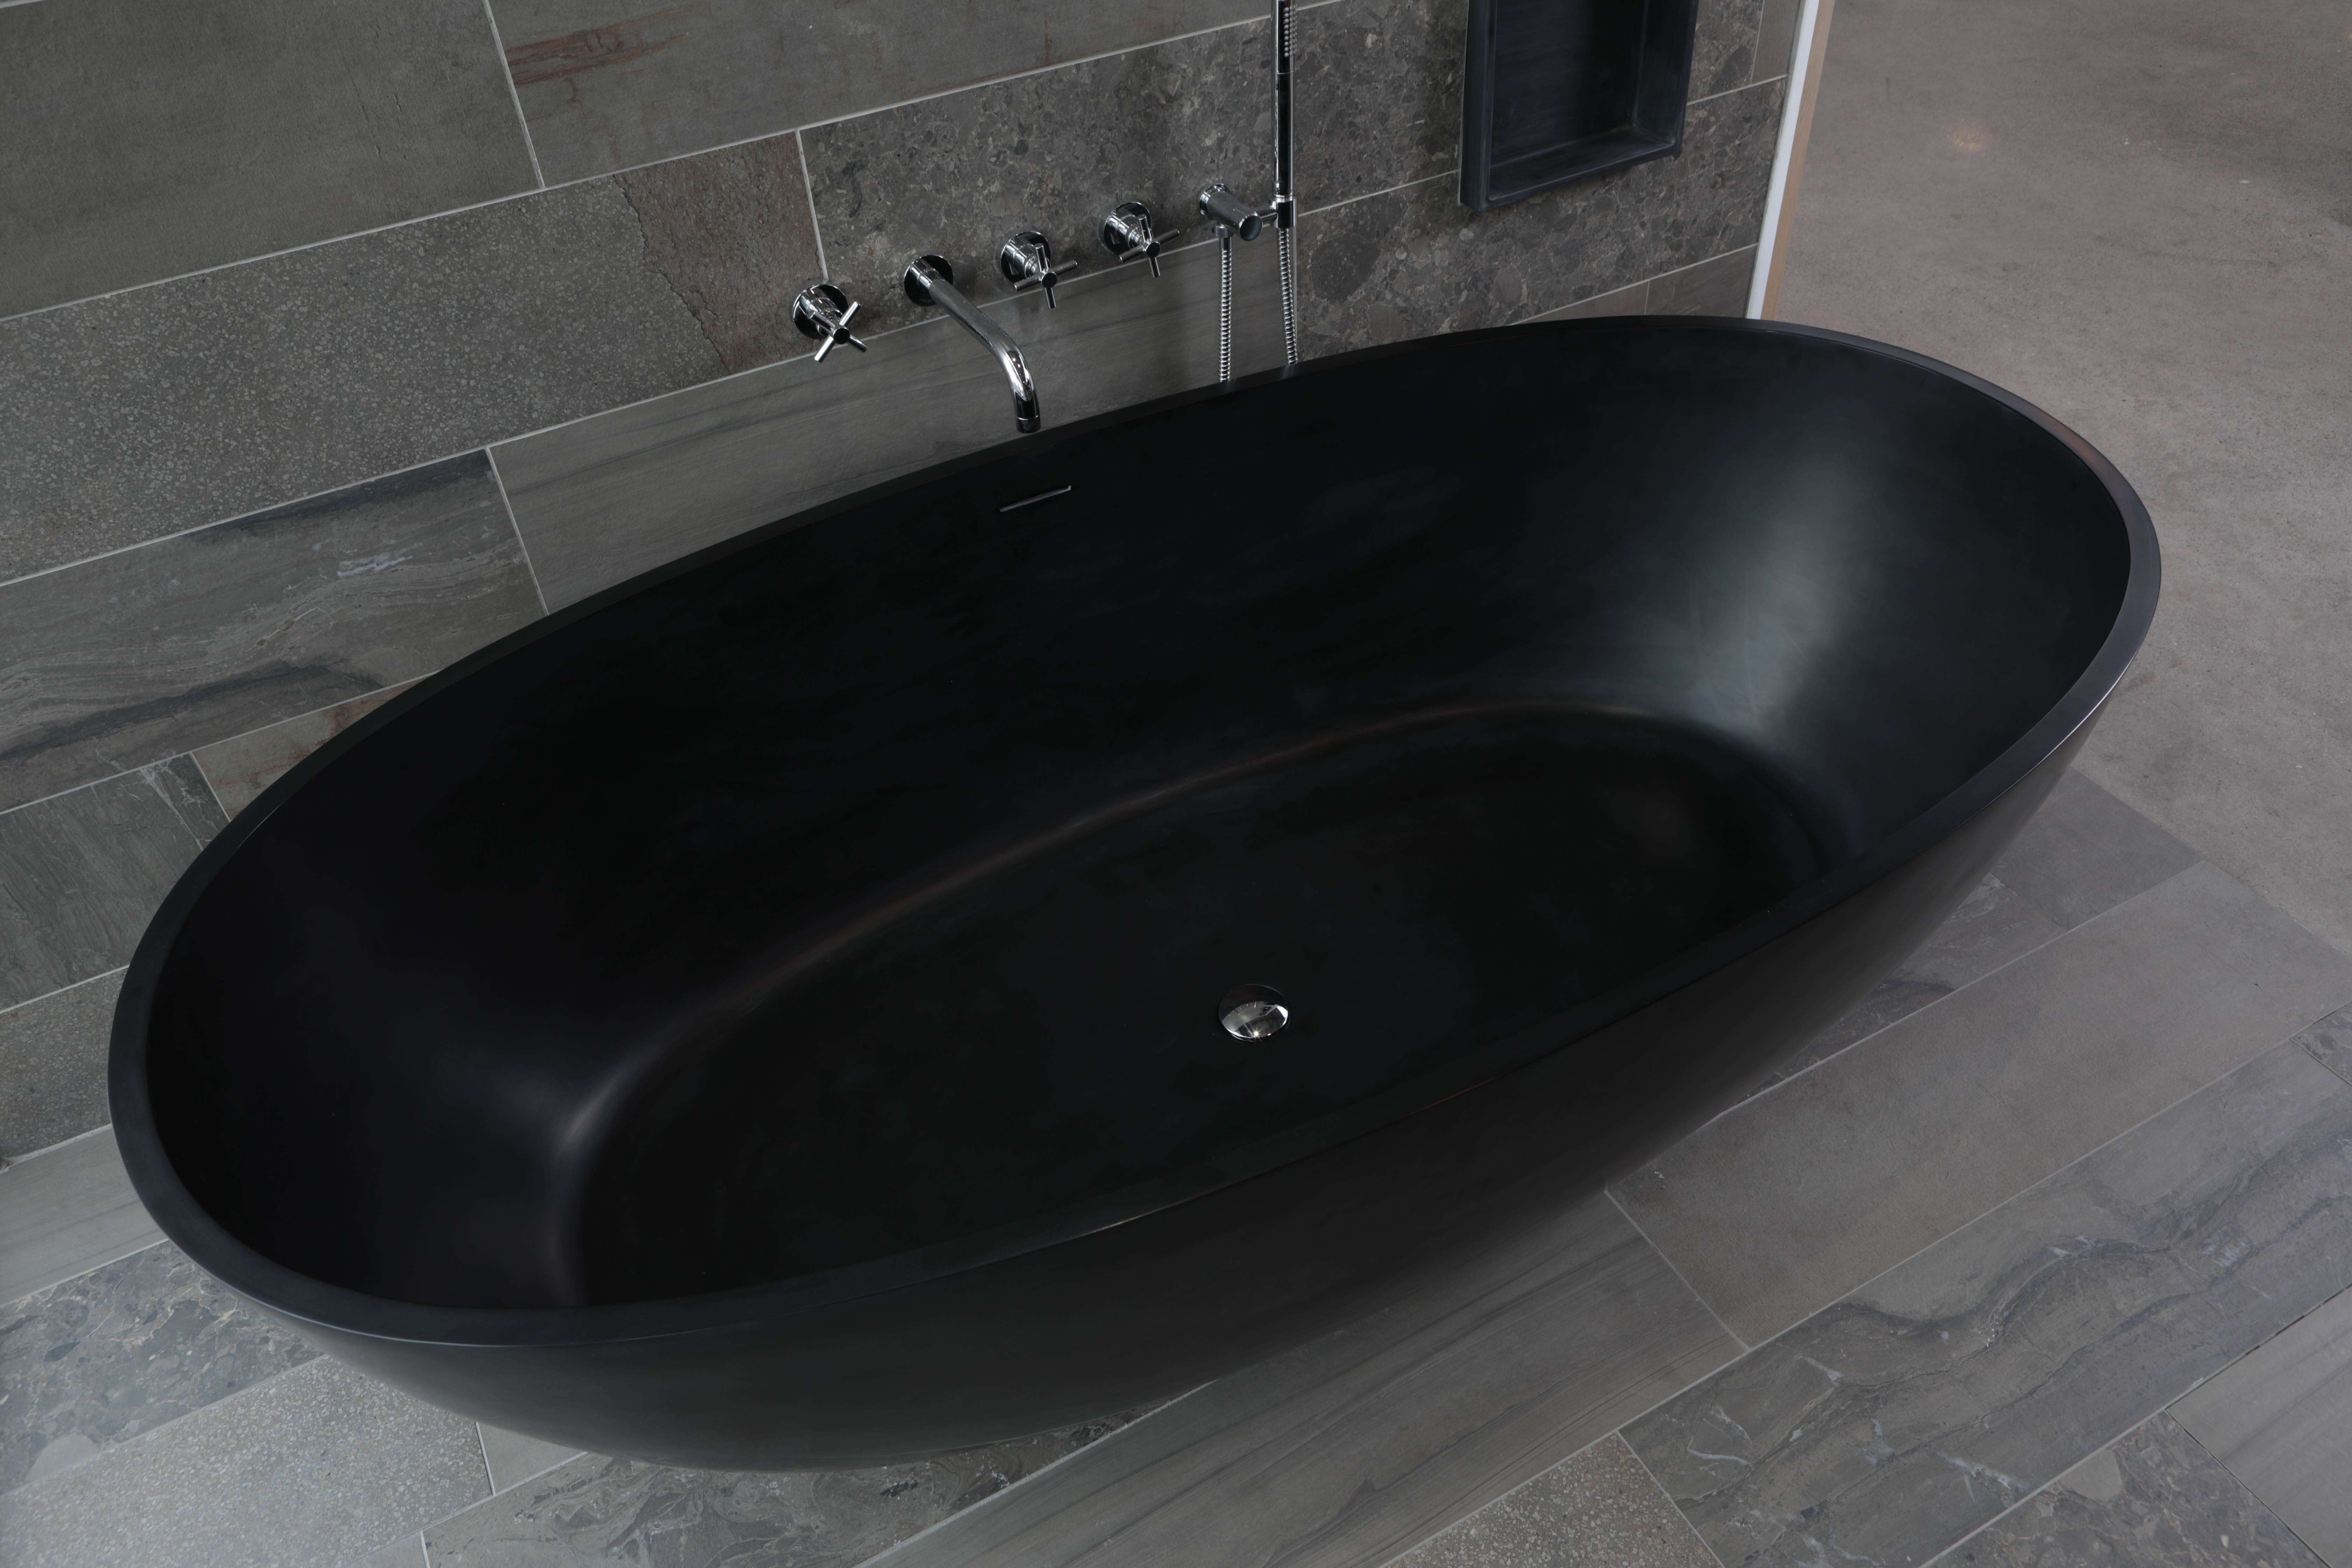 Luca Sanitair Luva vrijstaand bad van solid surface inclusief afvoerset chroom 180 x 80 x 60 cm, mat